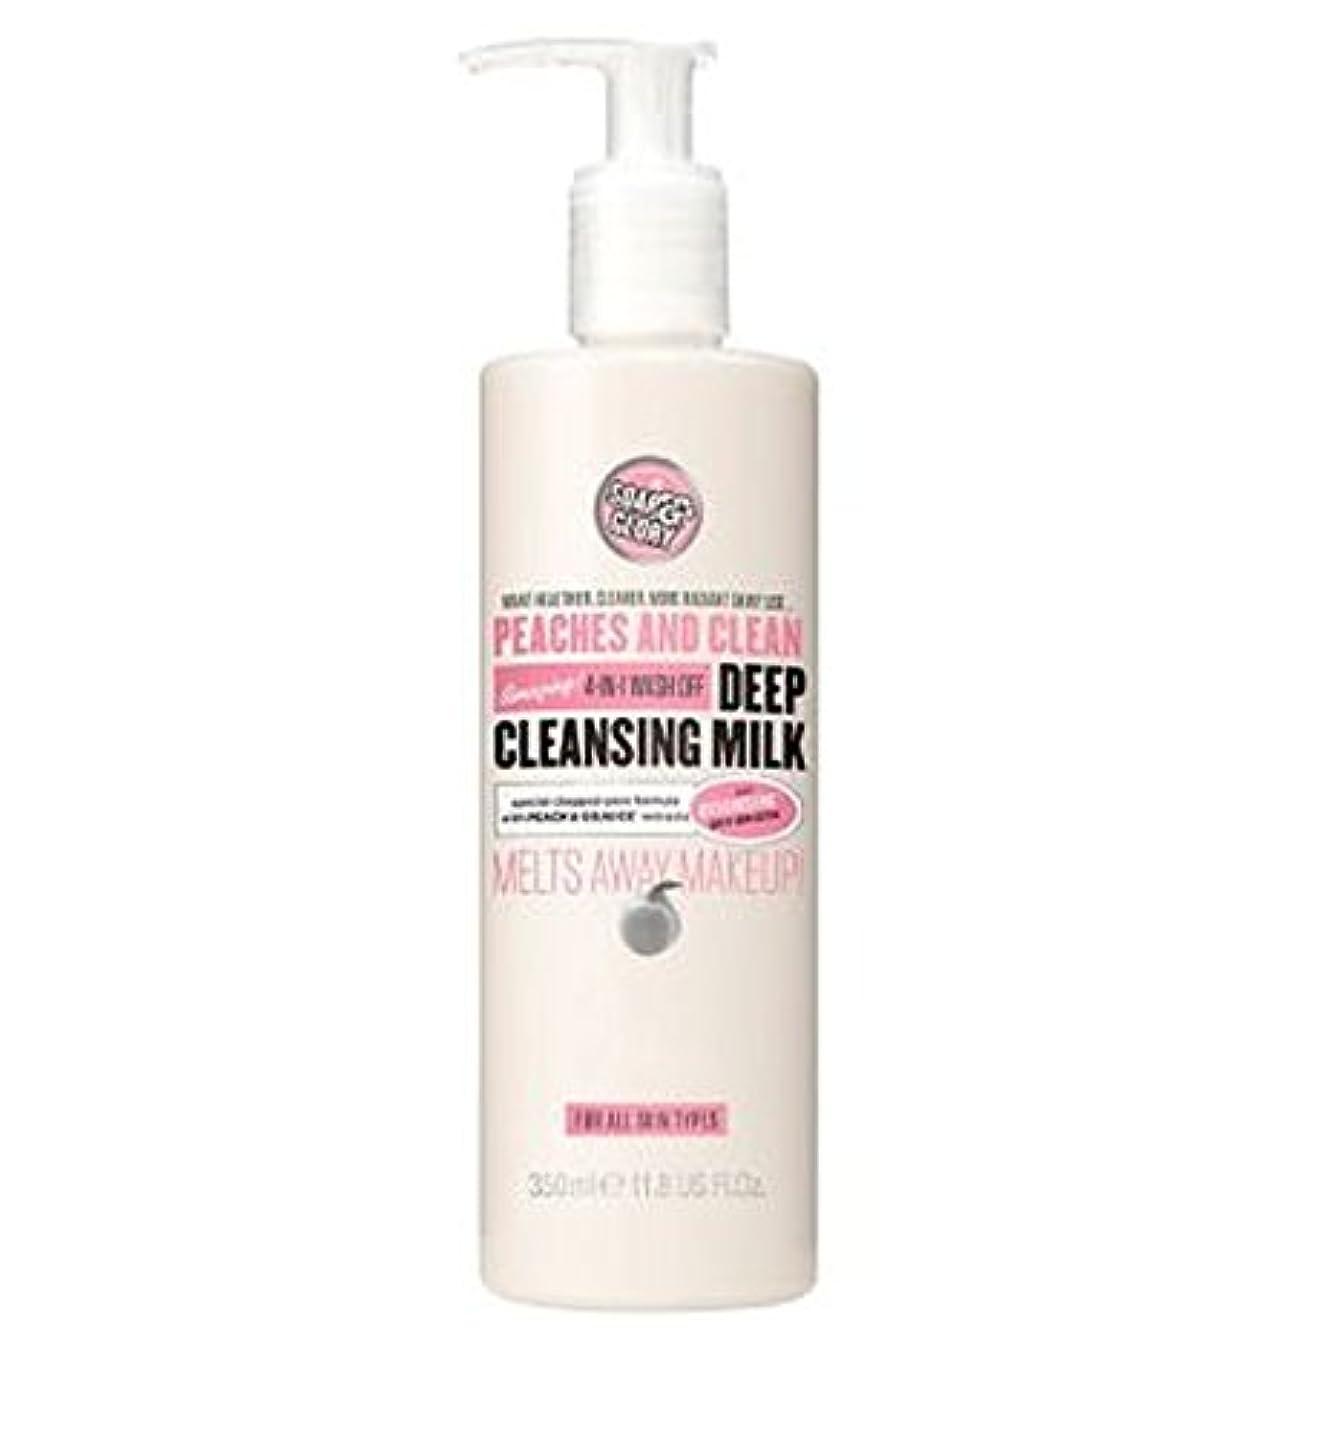 製作ロック自体PEACHES AND CLEAN? Deep Cleansing Milk 350ml - 桃やクリーン?ディープクレンジングミルク350ミリリットル (Soap & Glory) [並行輸入品]